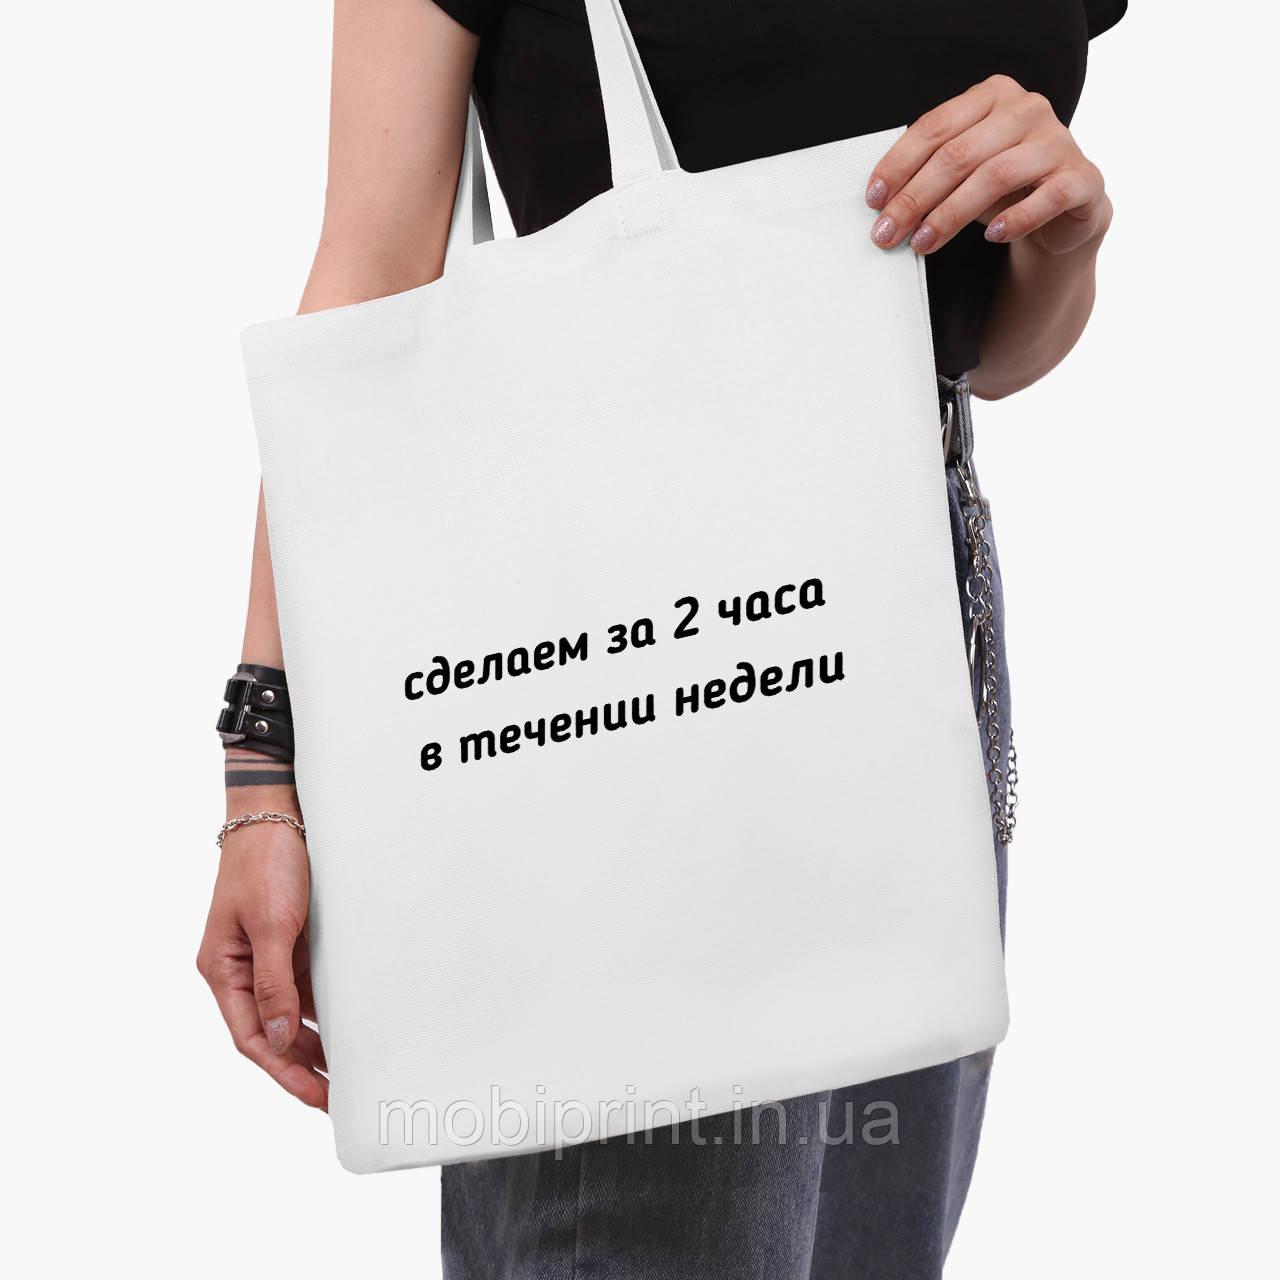 Эко сумка шоппер белая Сделаем за два часа, в течении недели (9227-1285-3)  41*35 см